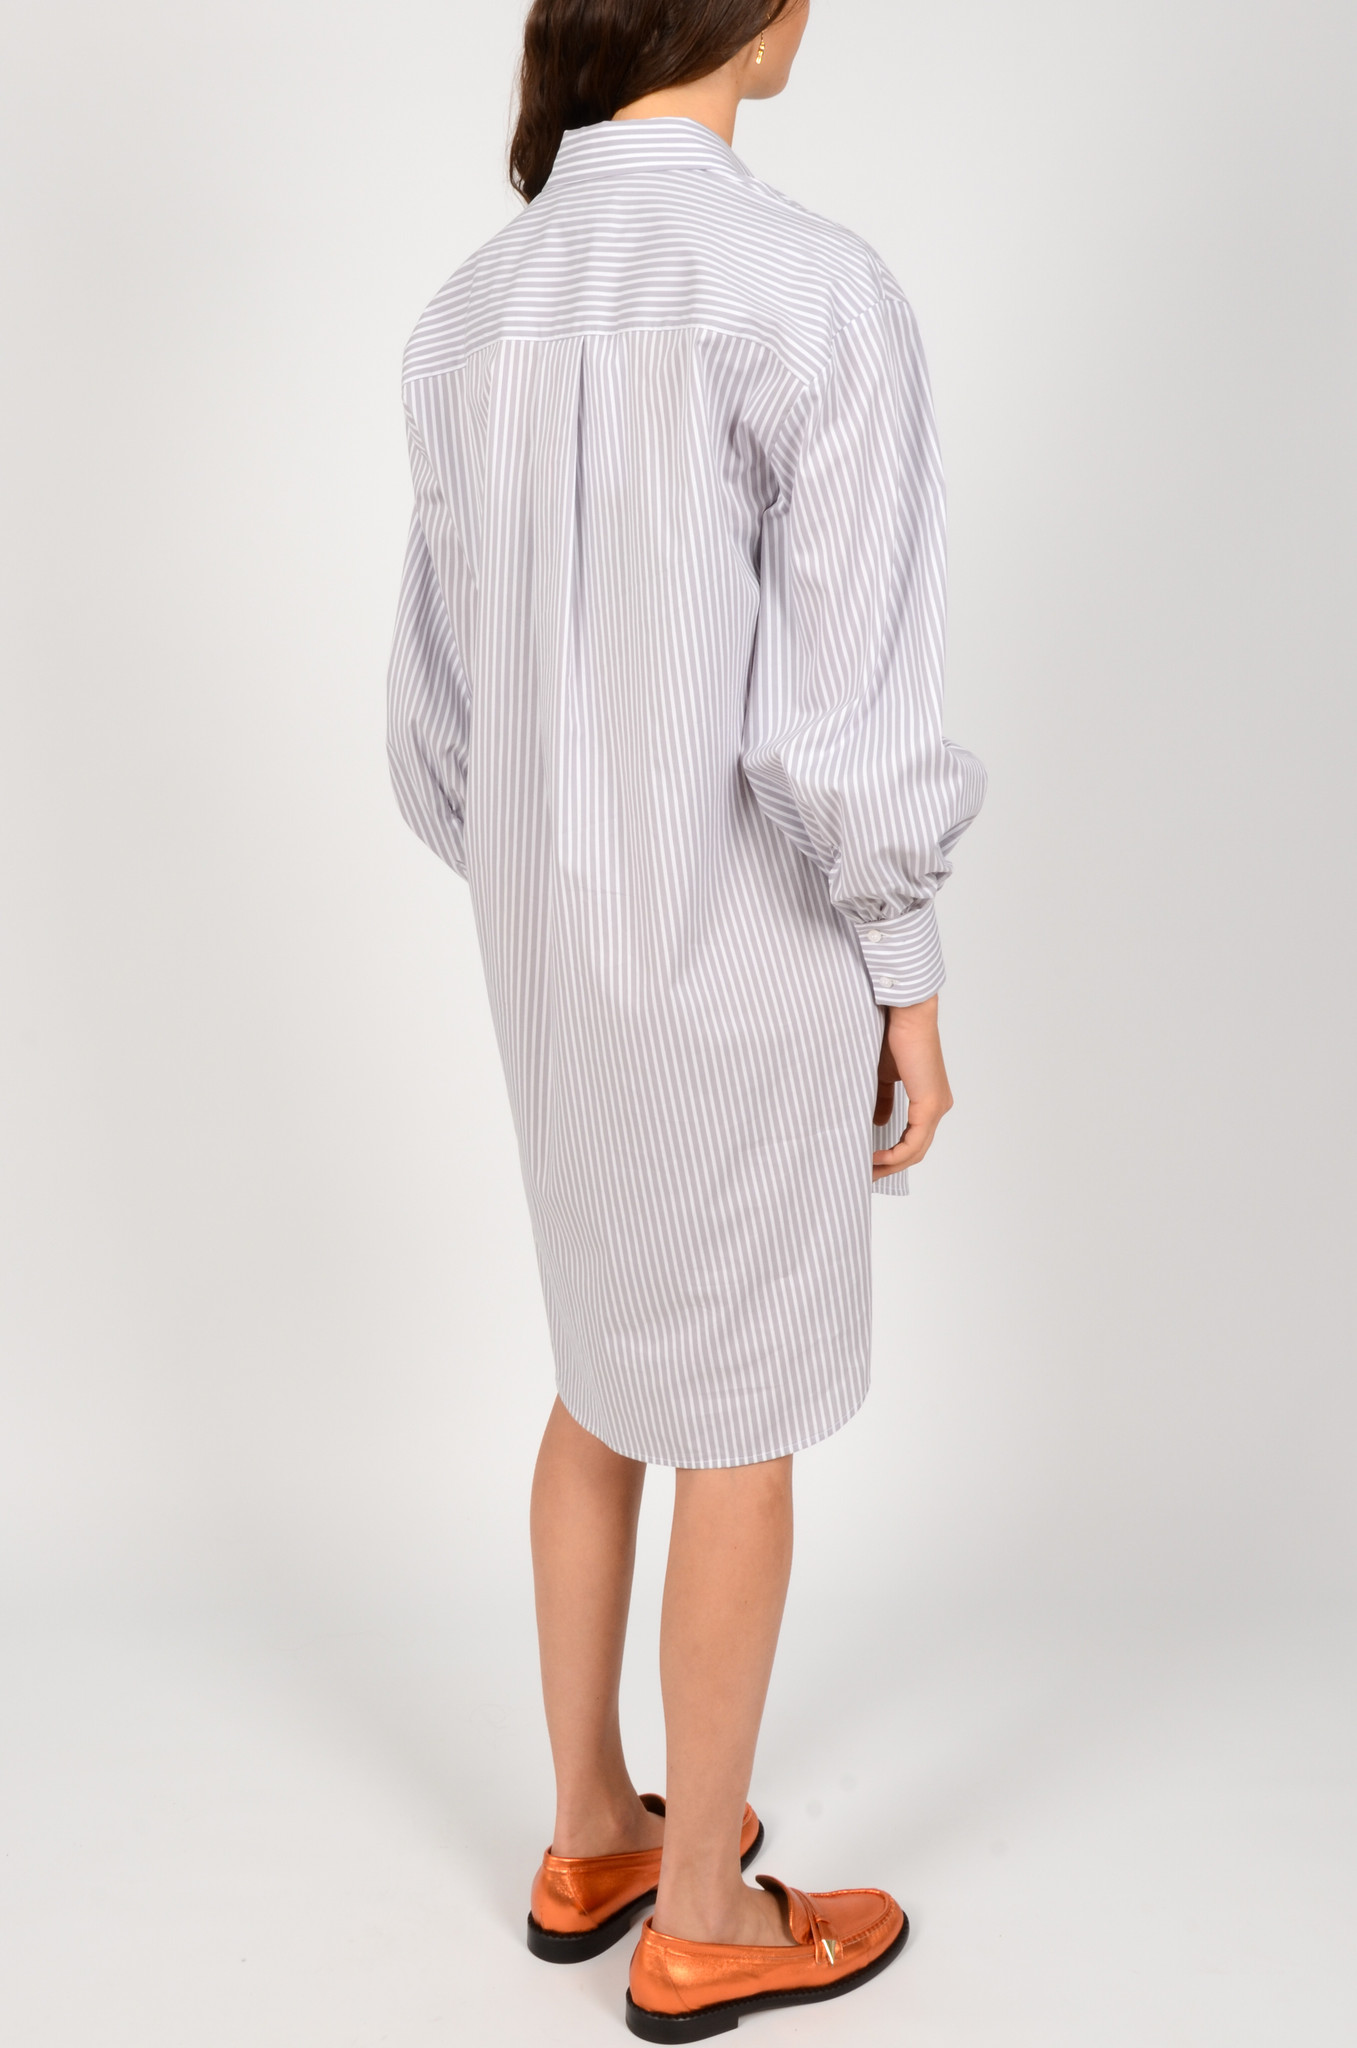 LIGHT GREY STRIPED SHIRT DRESS-3